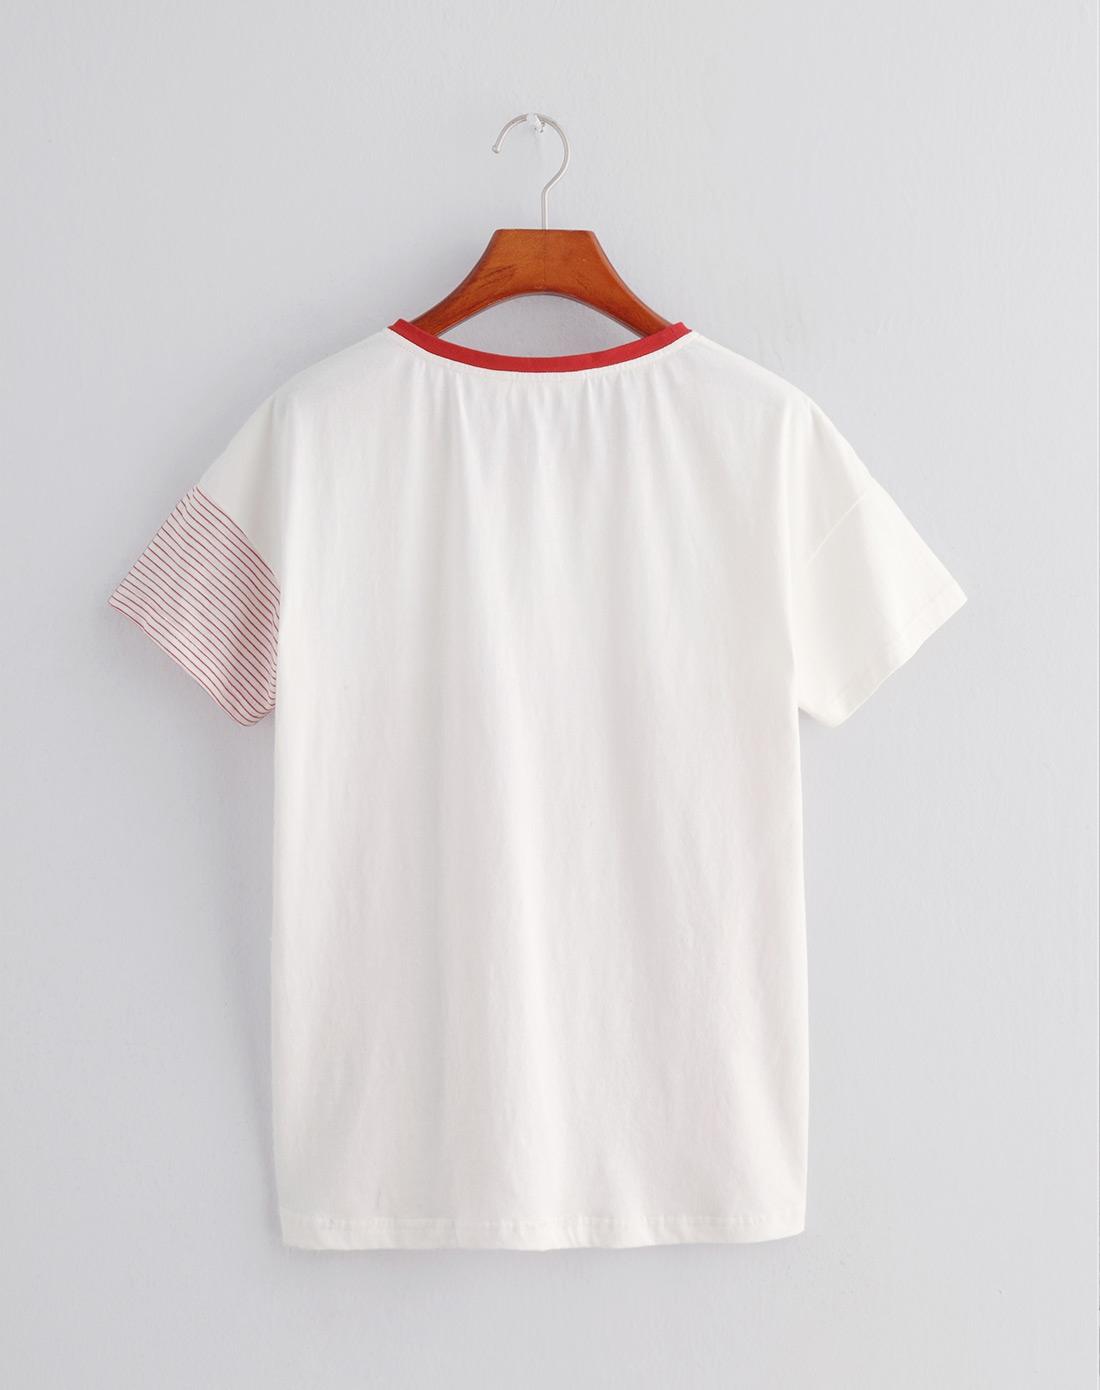 白/红色圆领条纹短袖t恤图片